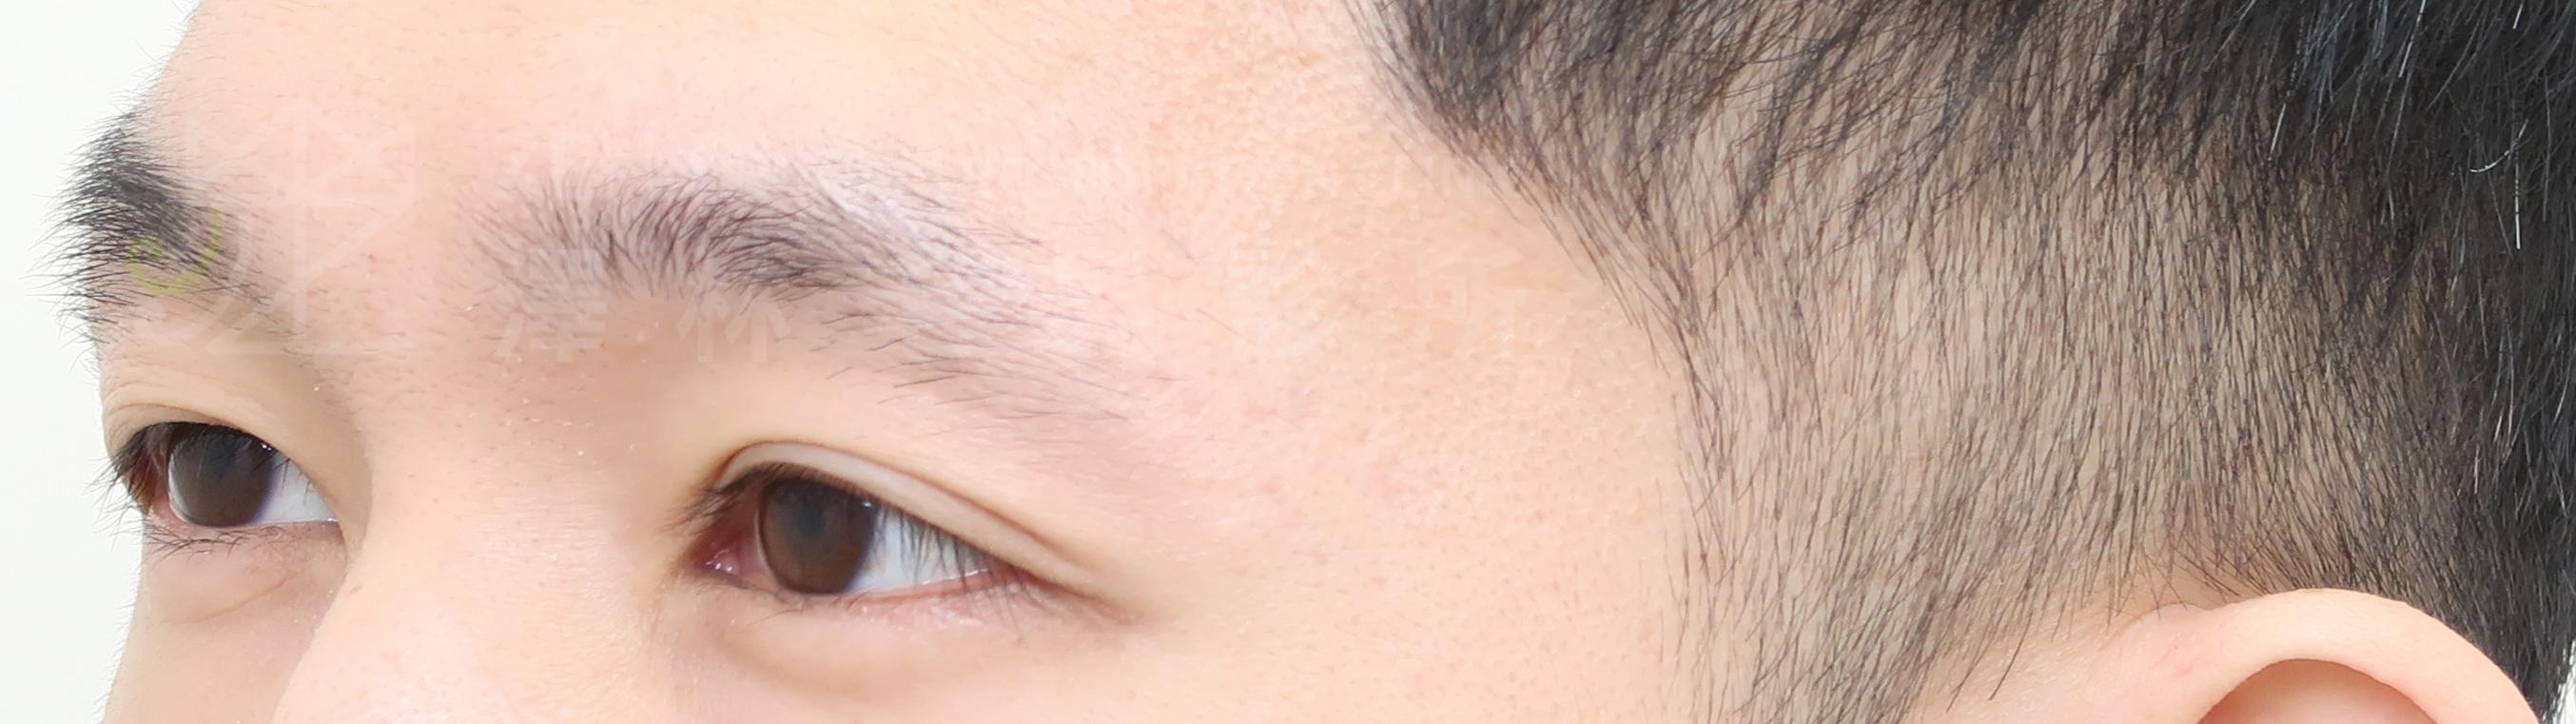 謝宗廷醫師植眉手術改善眉尾稀疏眉毛較短案例術前2